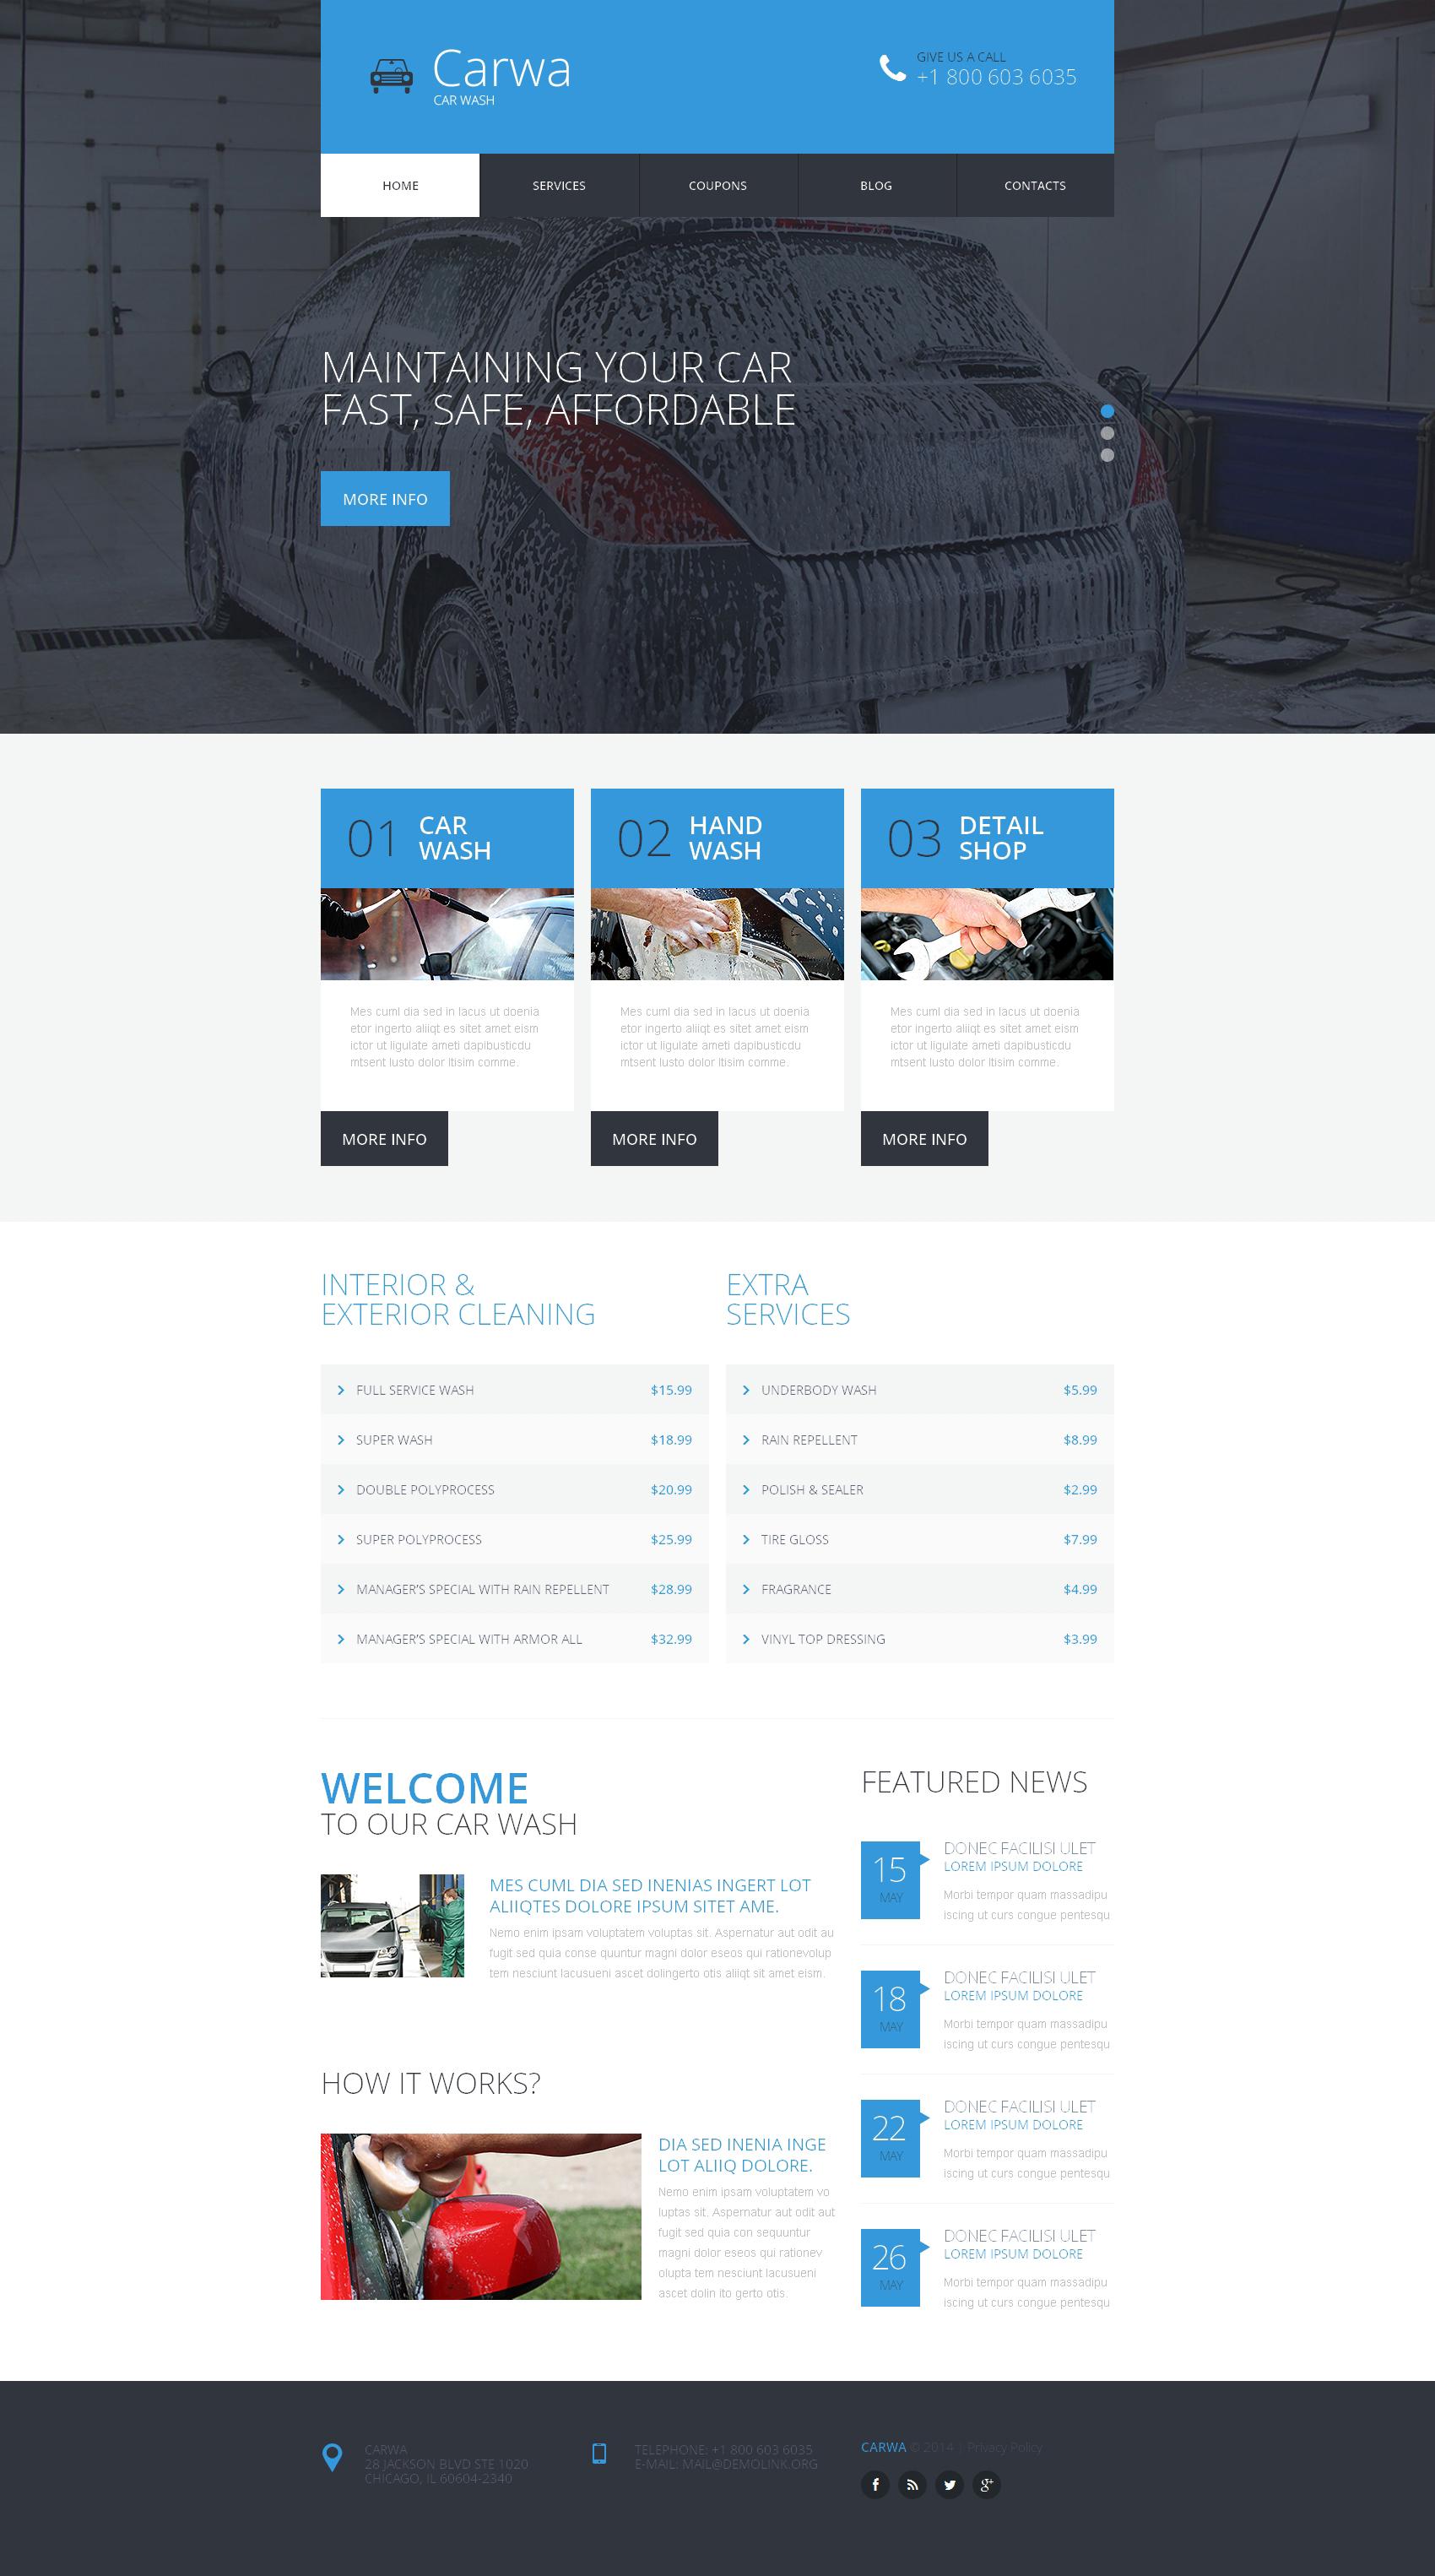 Responsive Araba Yıkama Web Sitesi #51005 - Ekran resmi